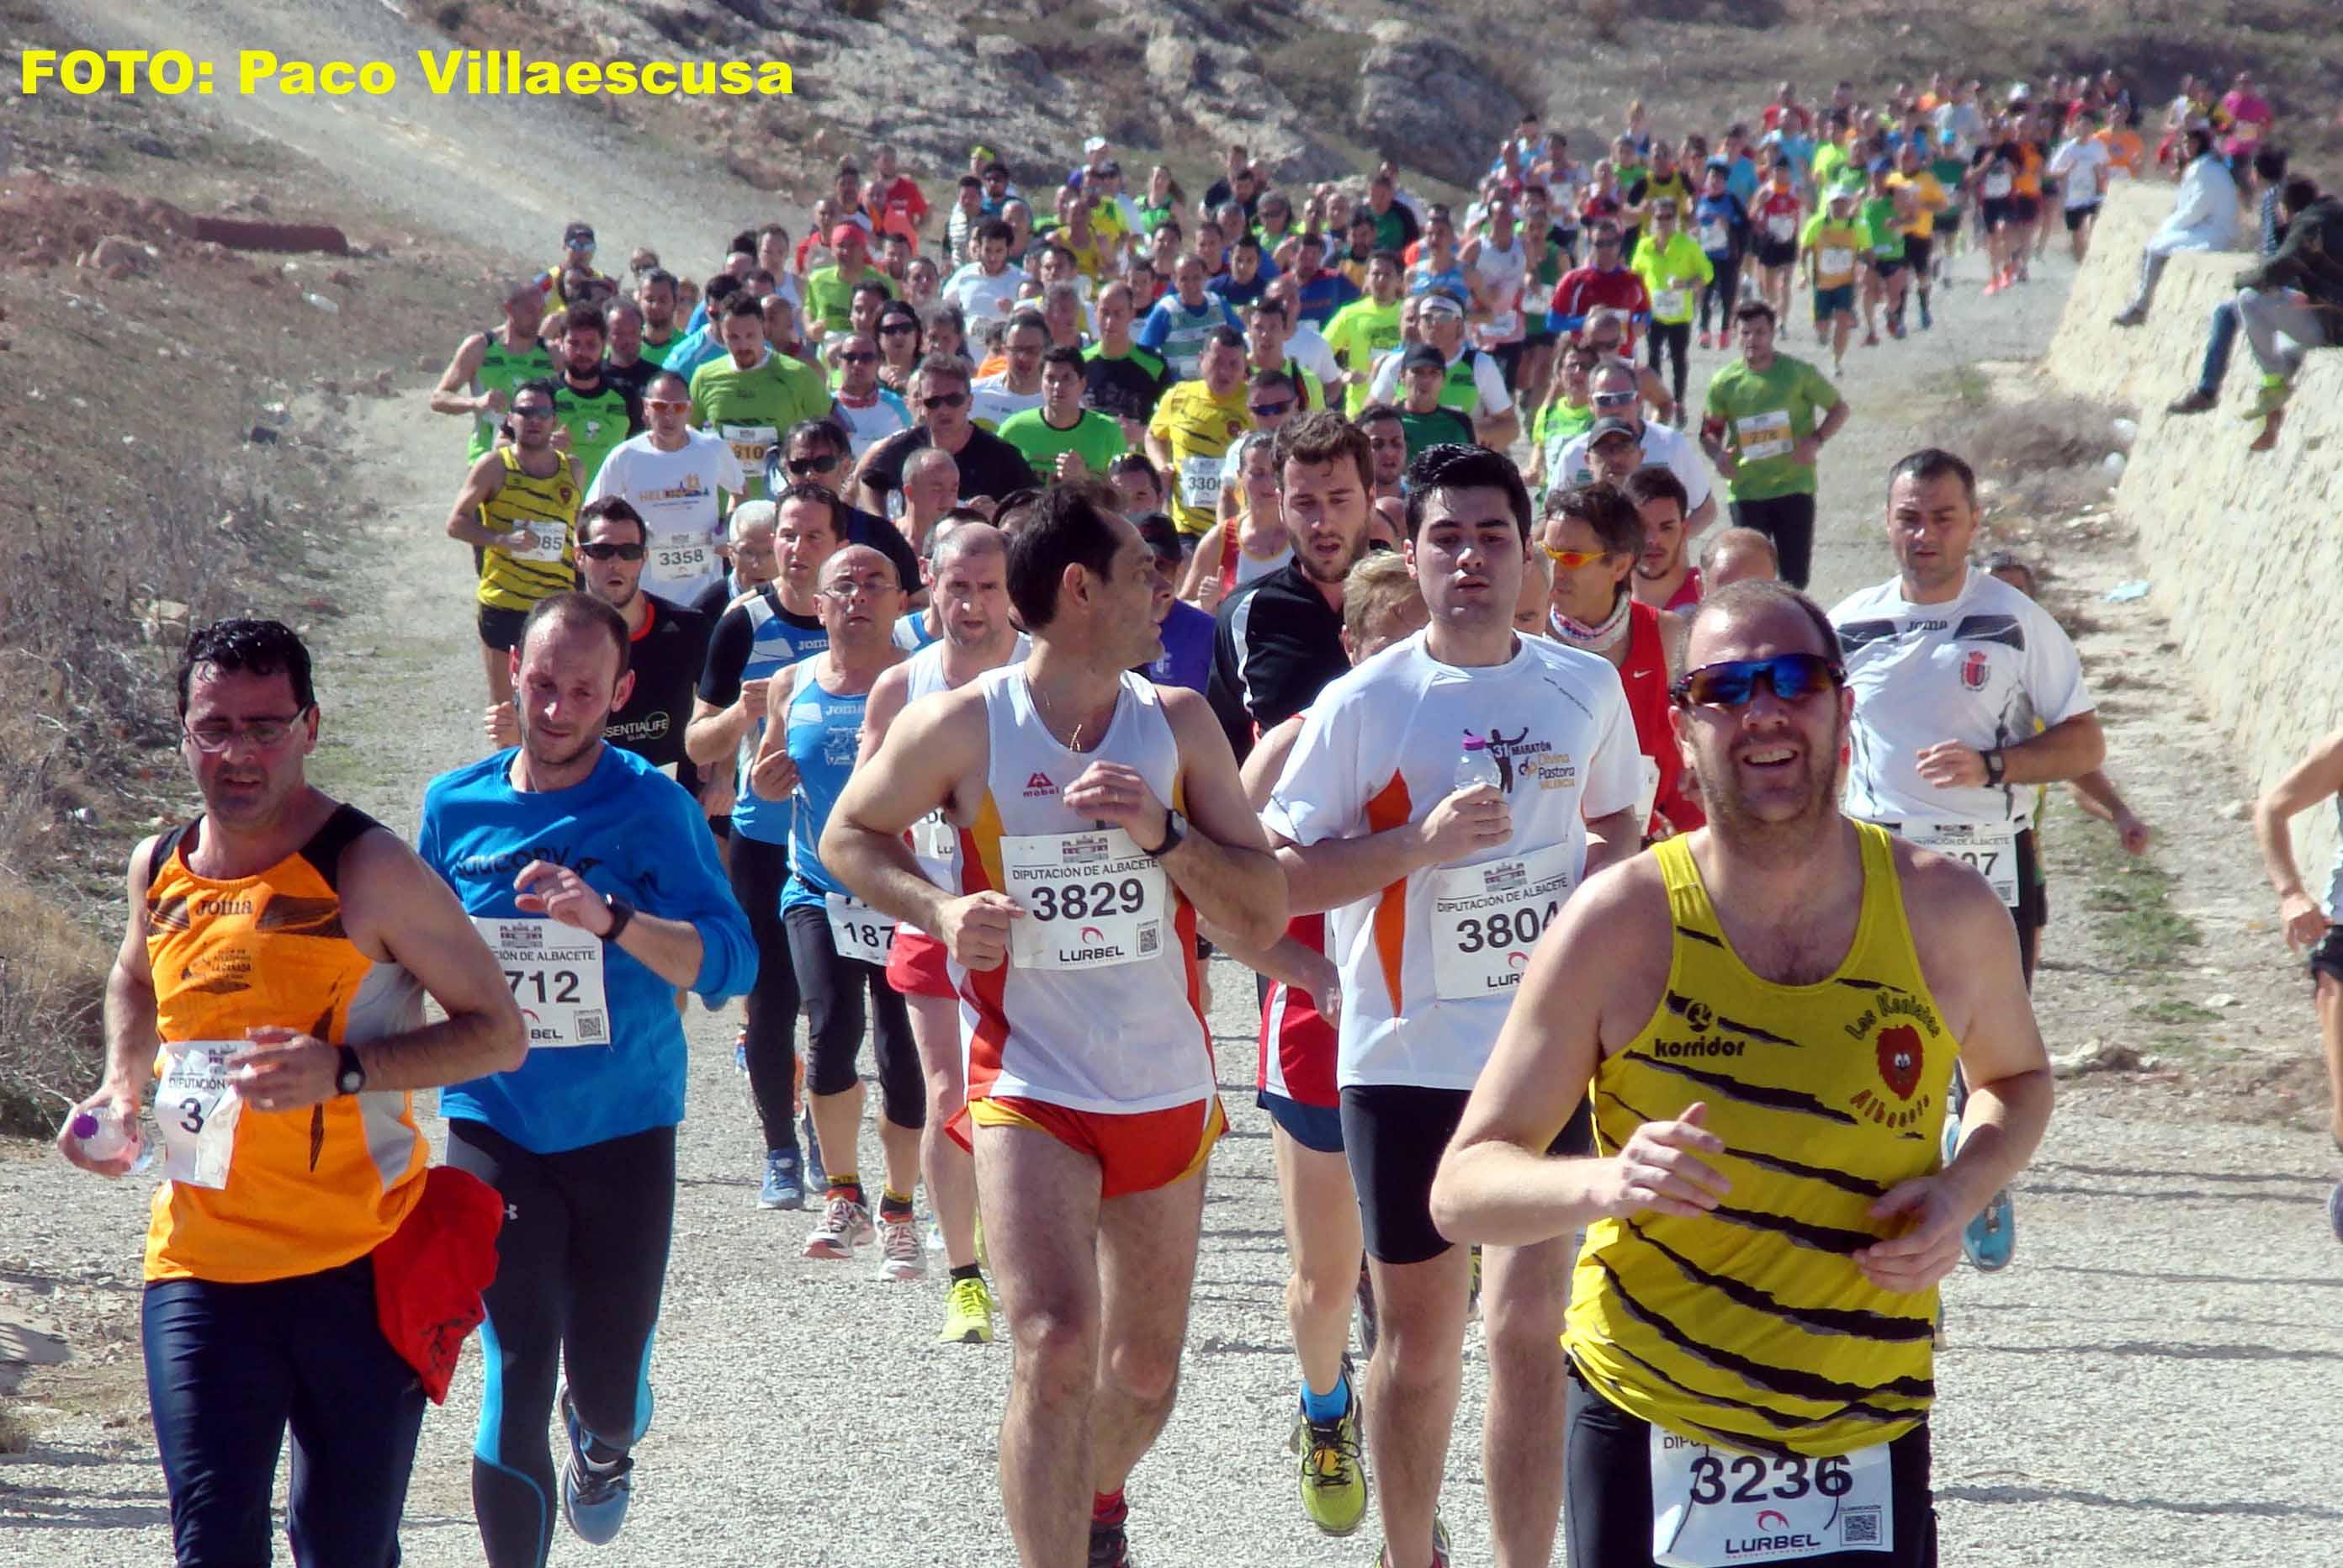 Atletas populares en Fuentealbilla 3 (Foto: Paco Villaescusa)